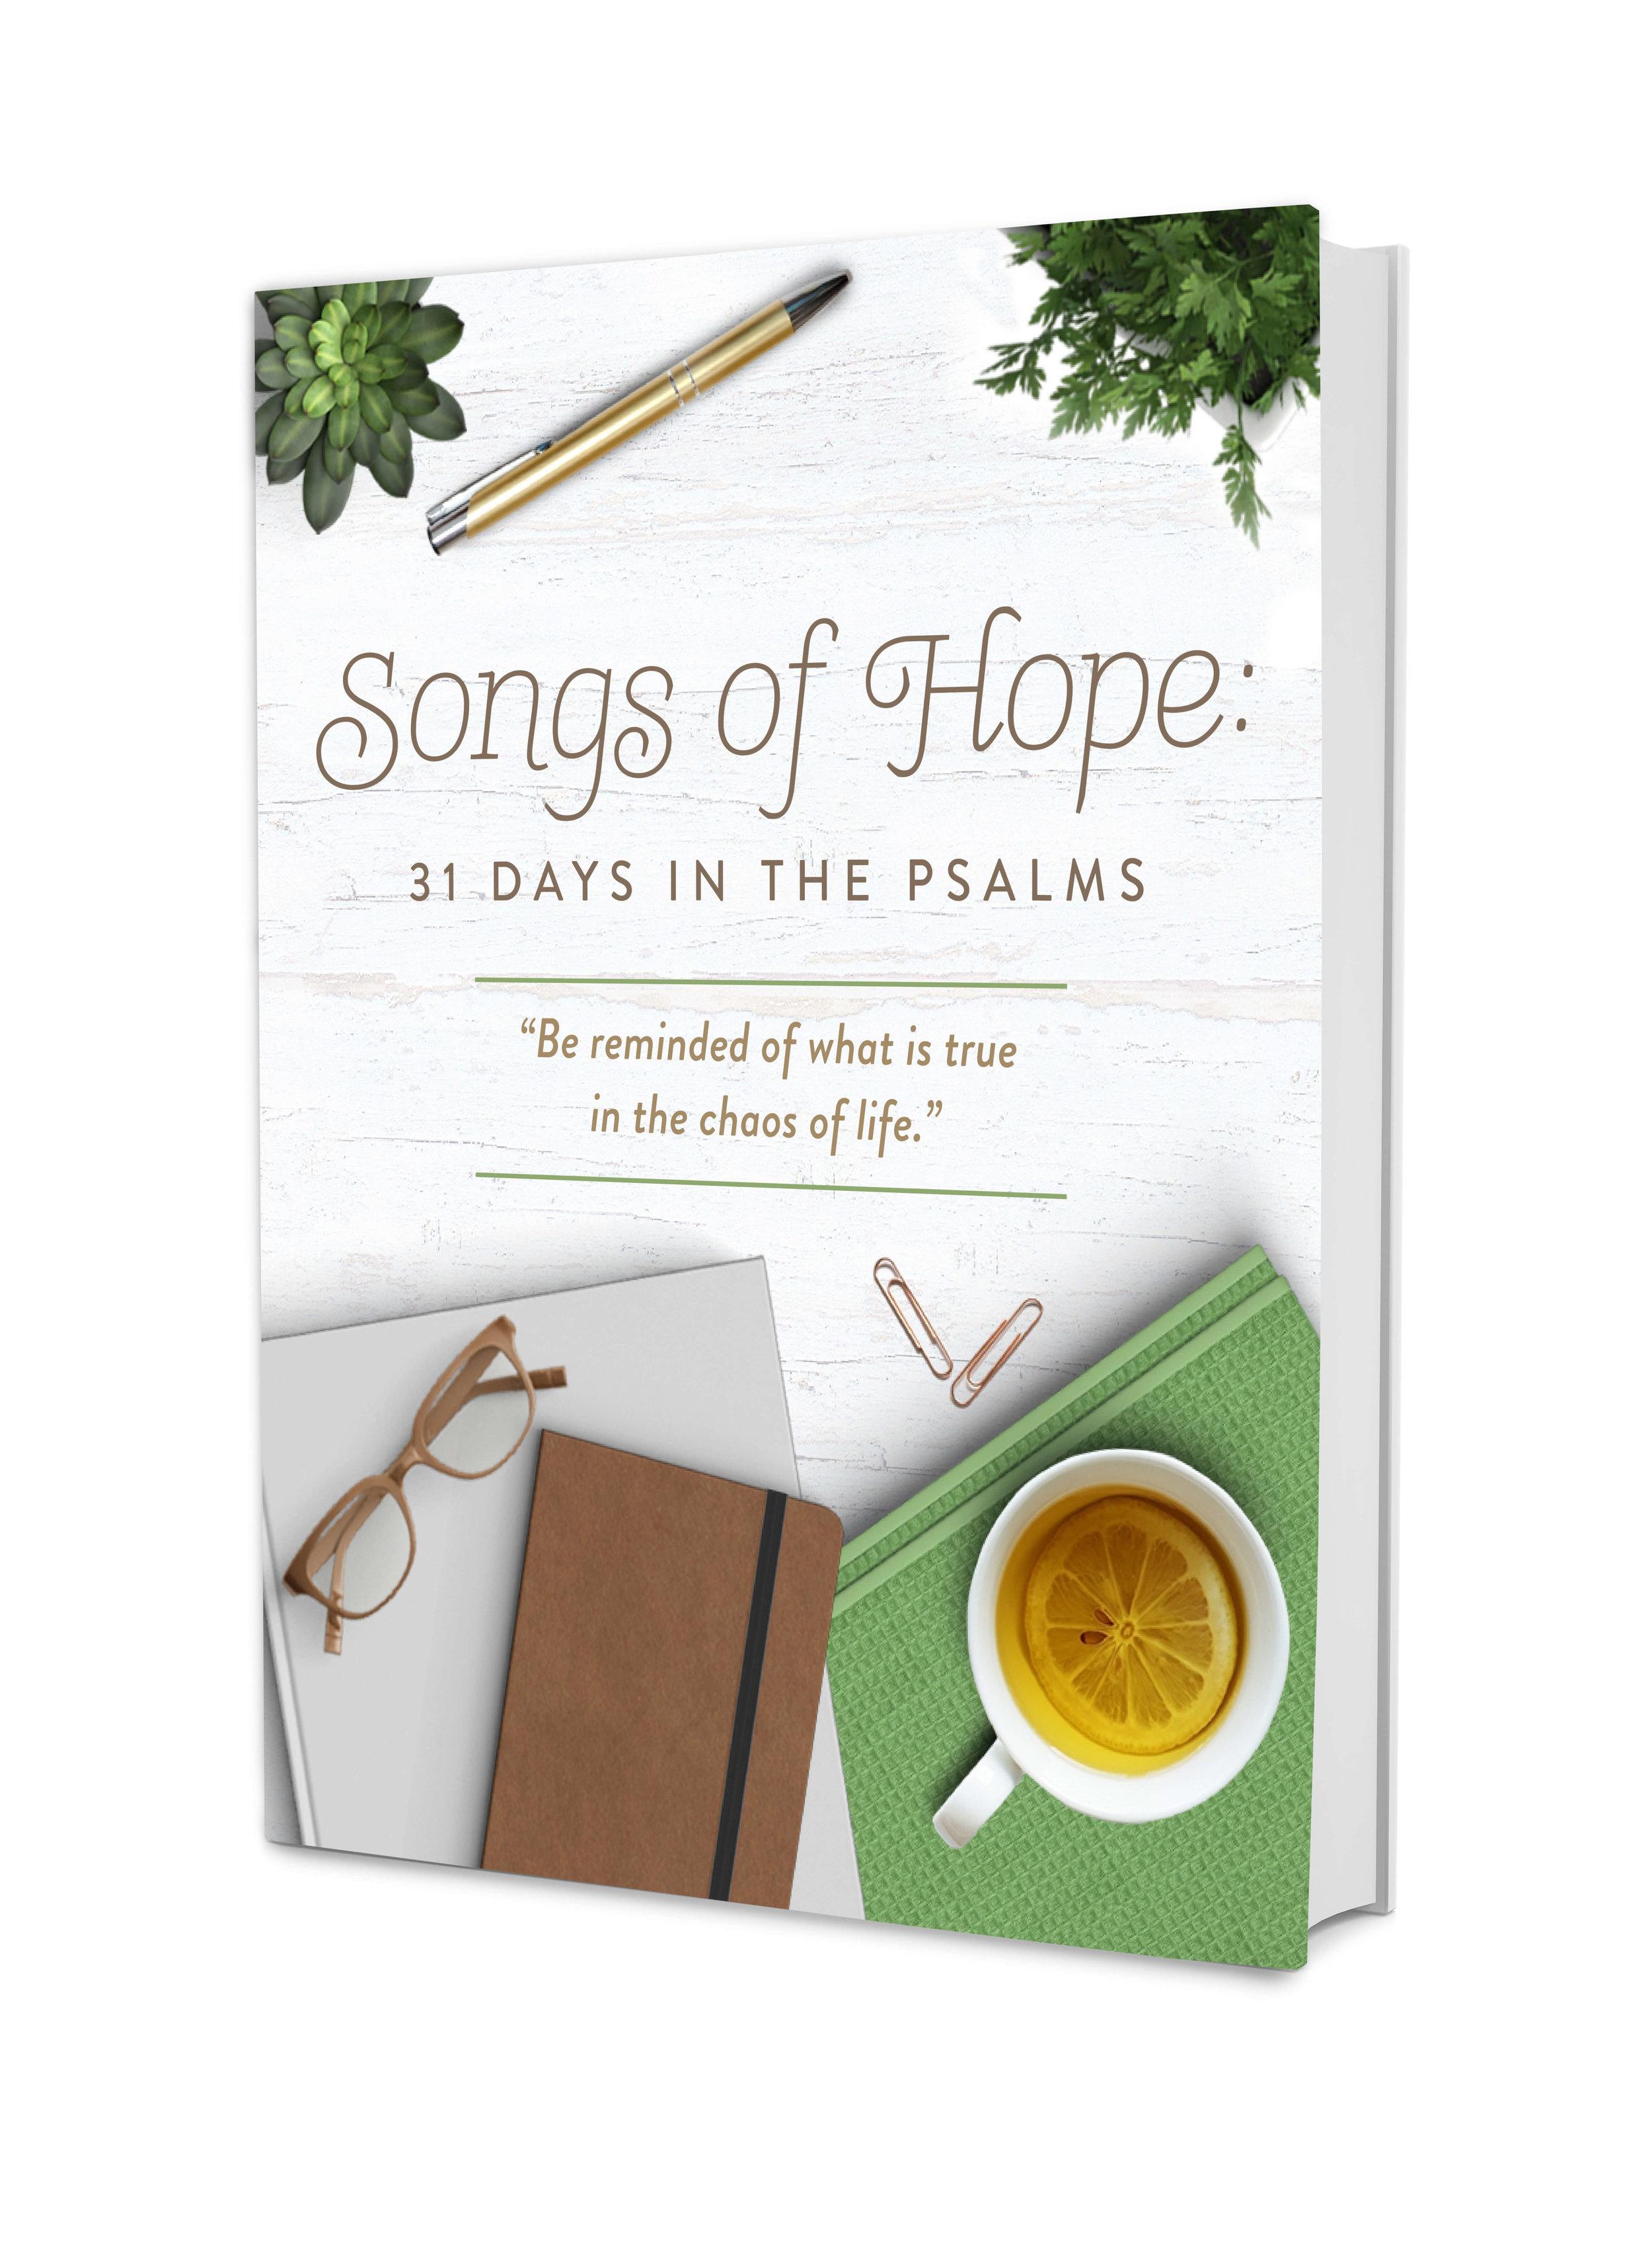 songs of hope psalms devotional hard copy